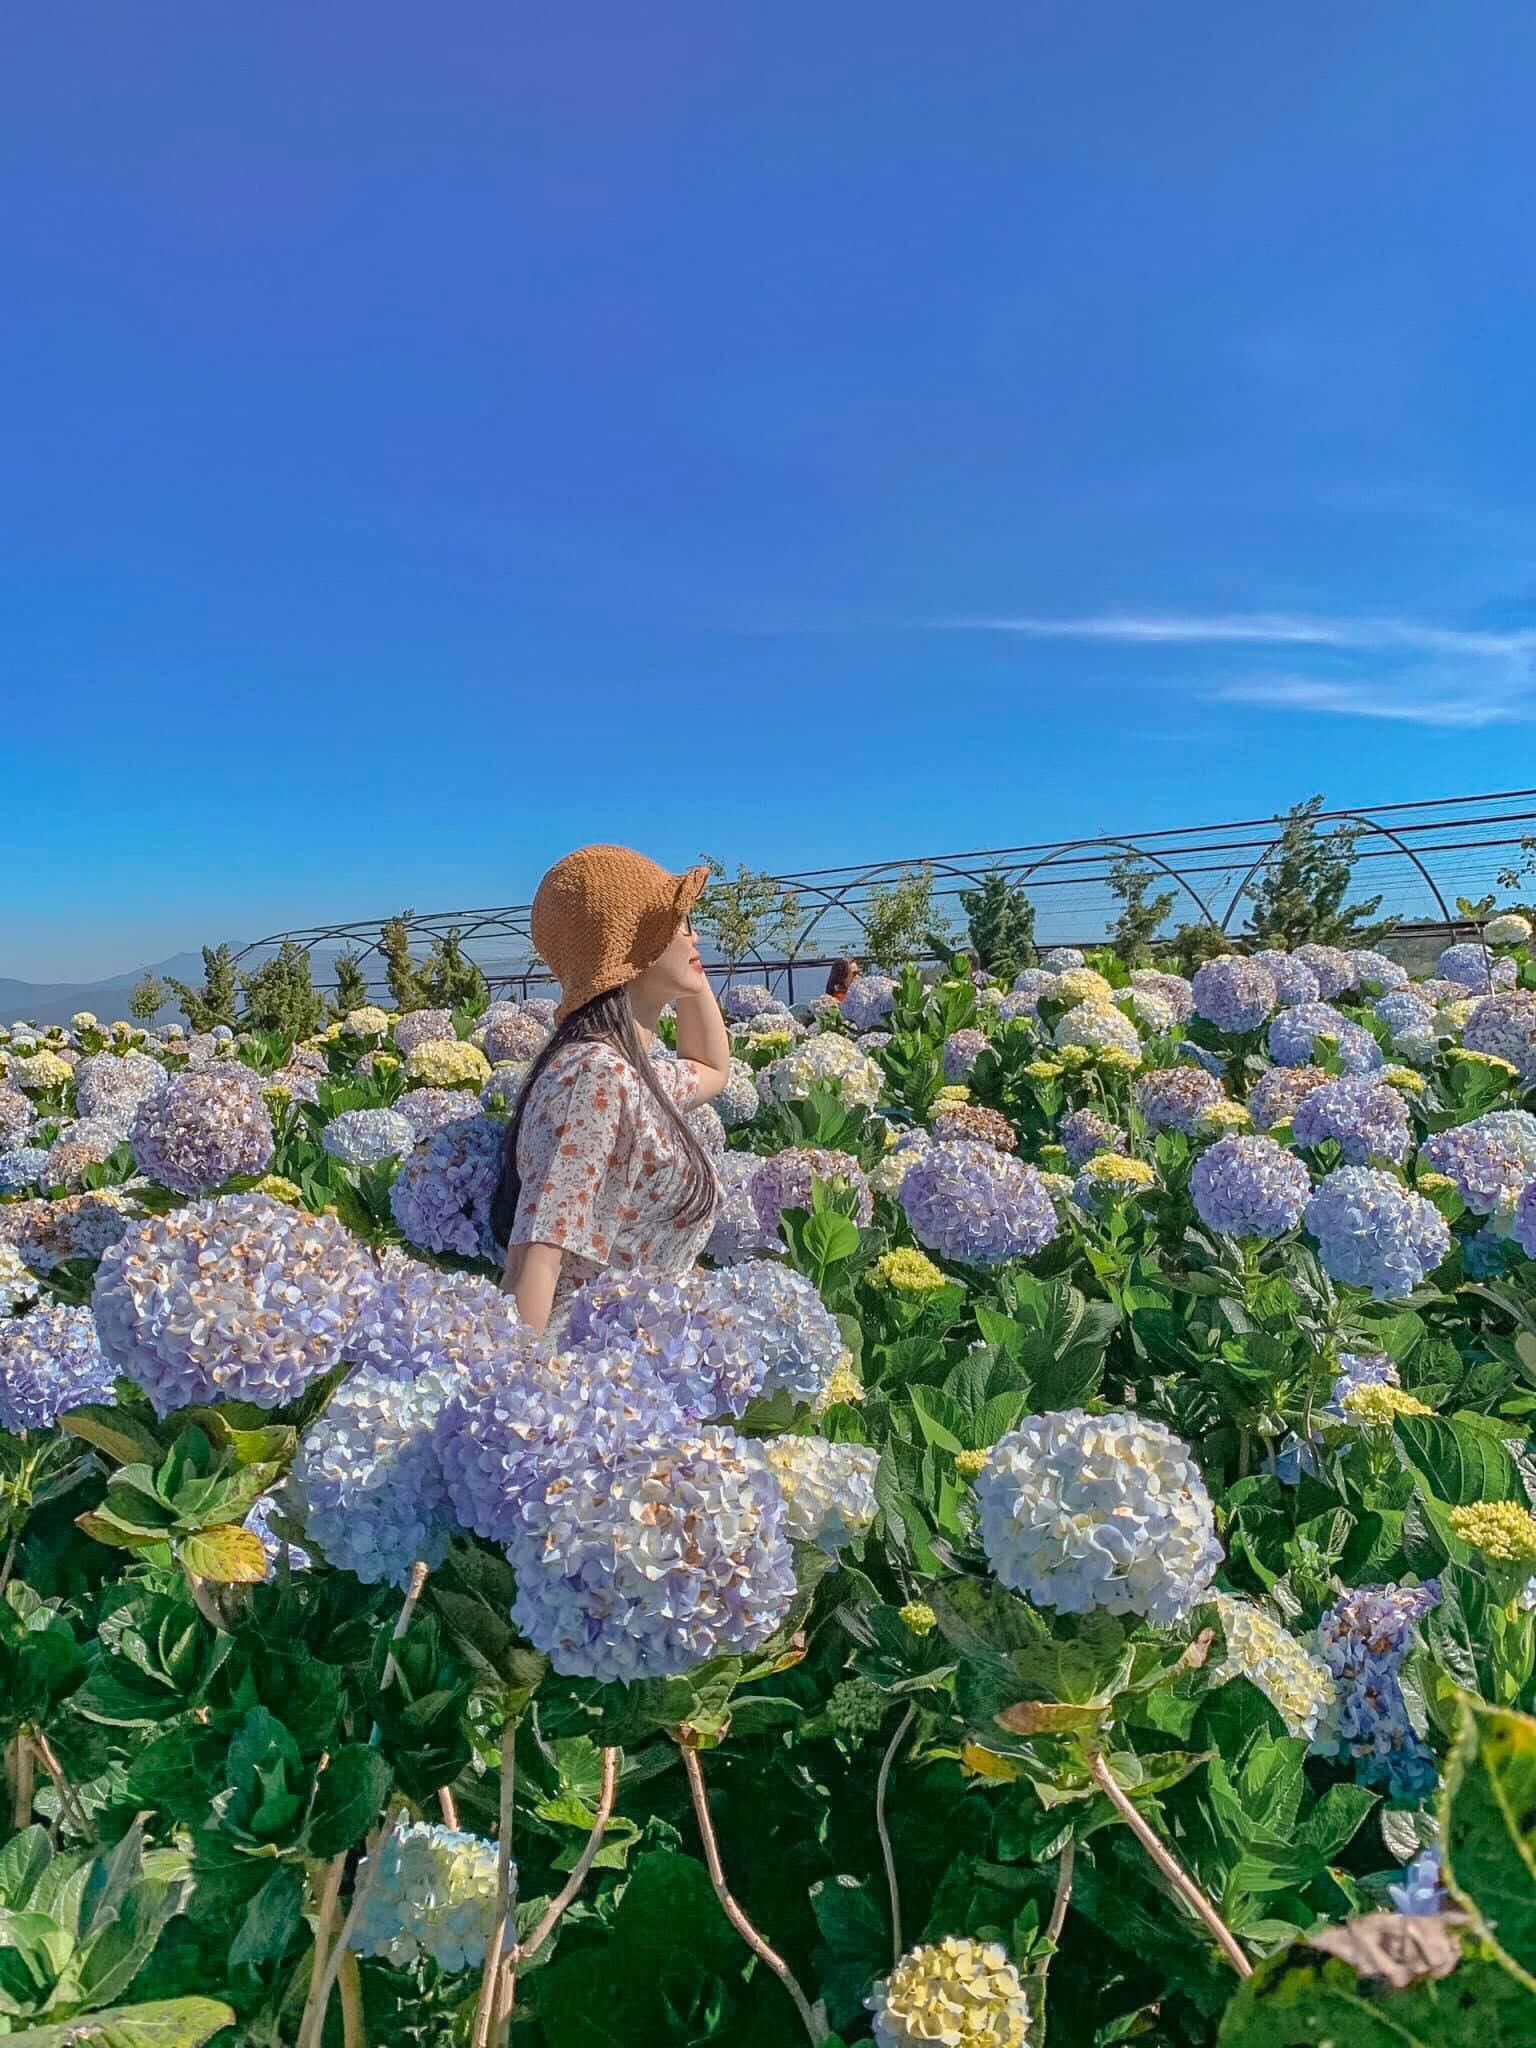 Vườn hoa Cẩm Tú Cầu là 1 trong những điểm check in cực hot tại Đà Lạt.